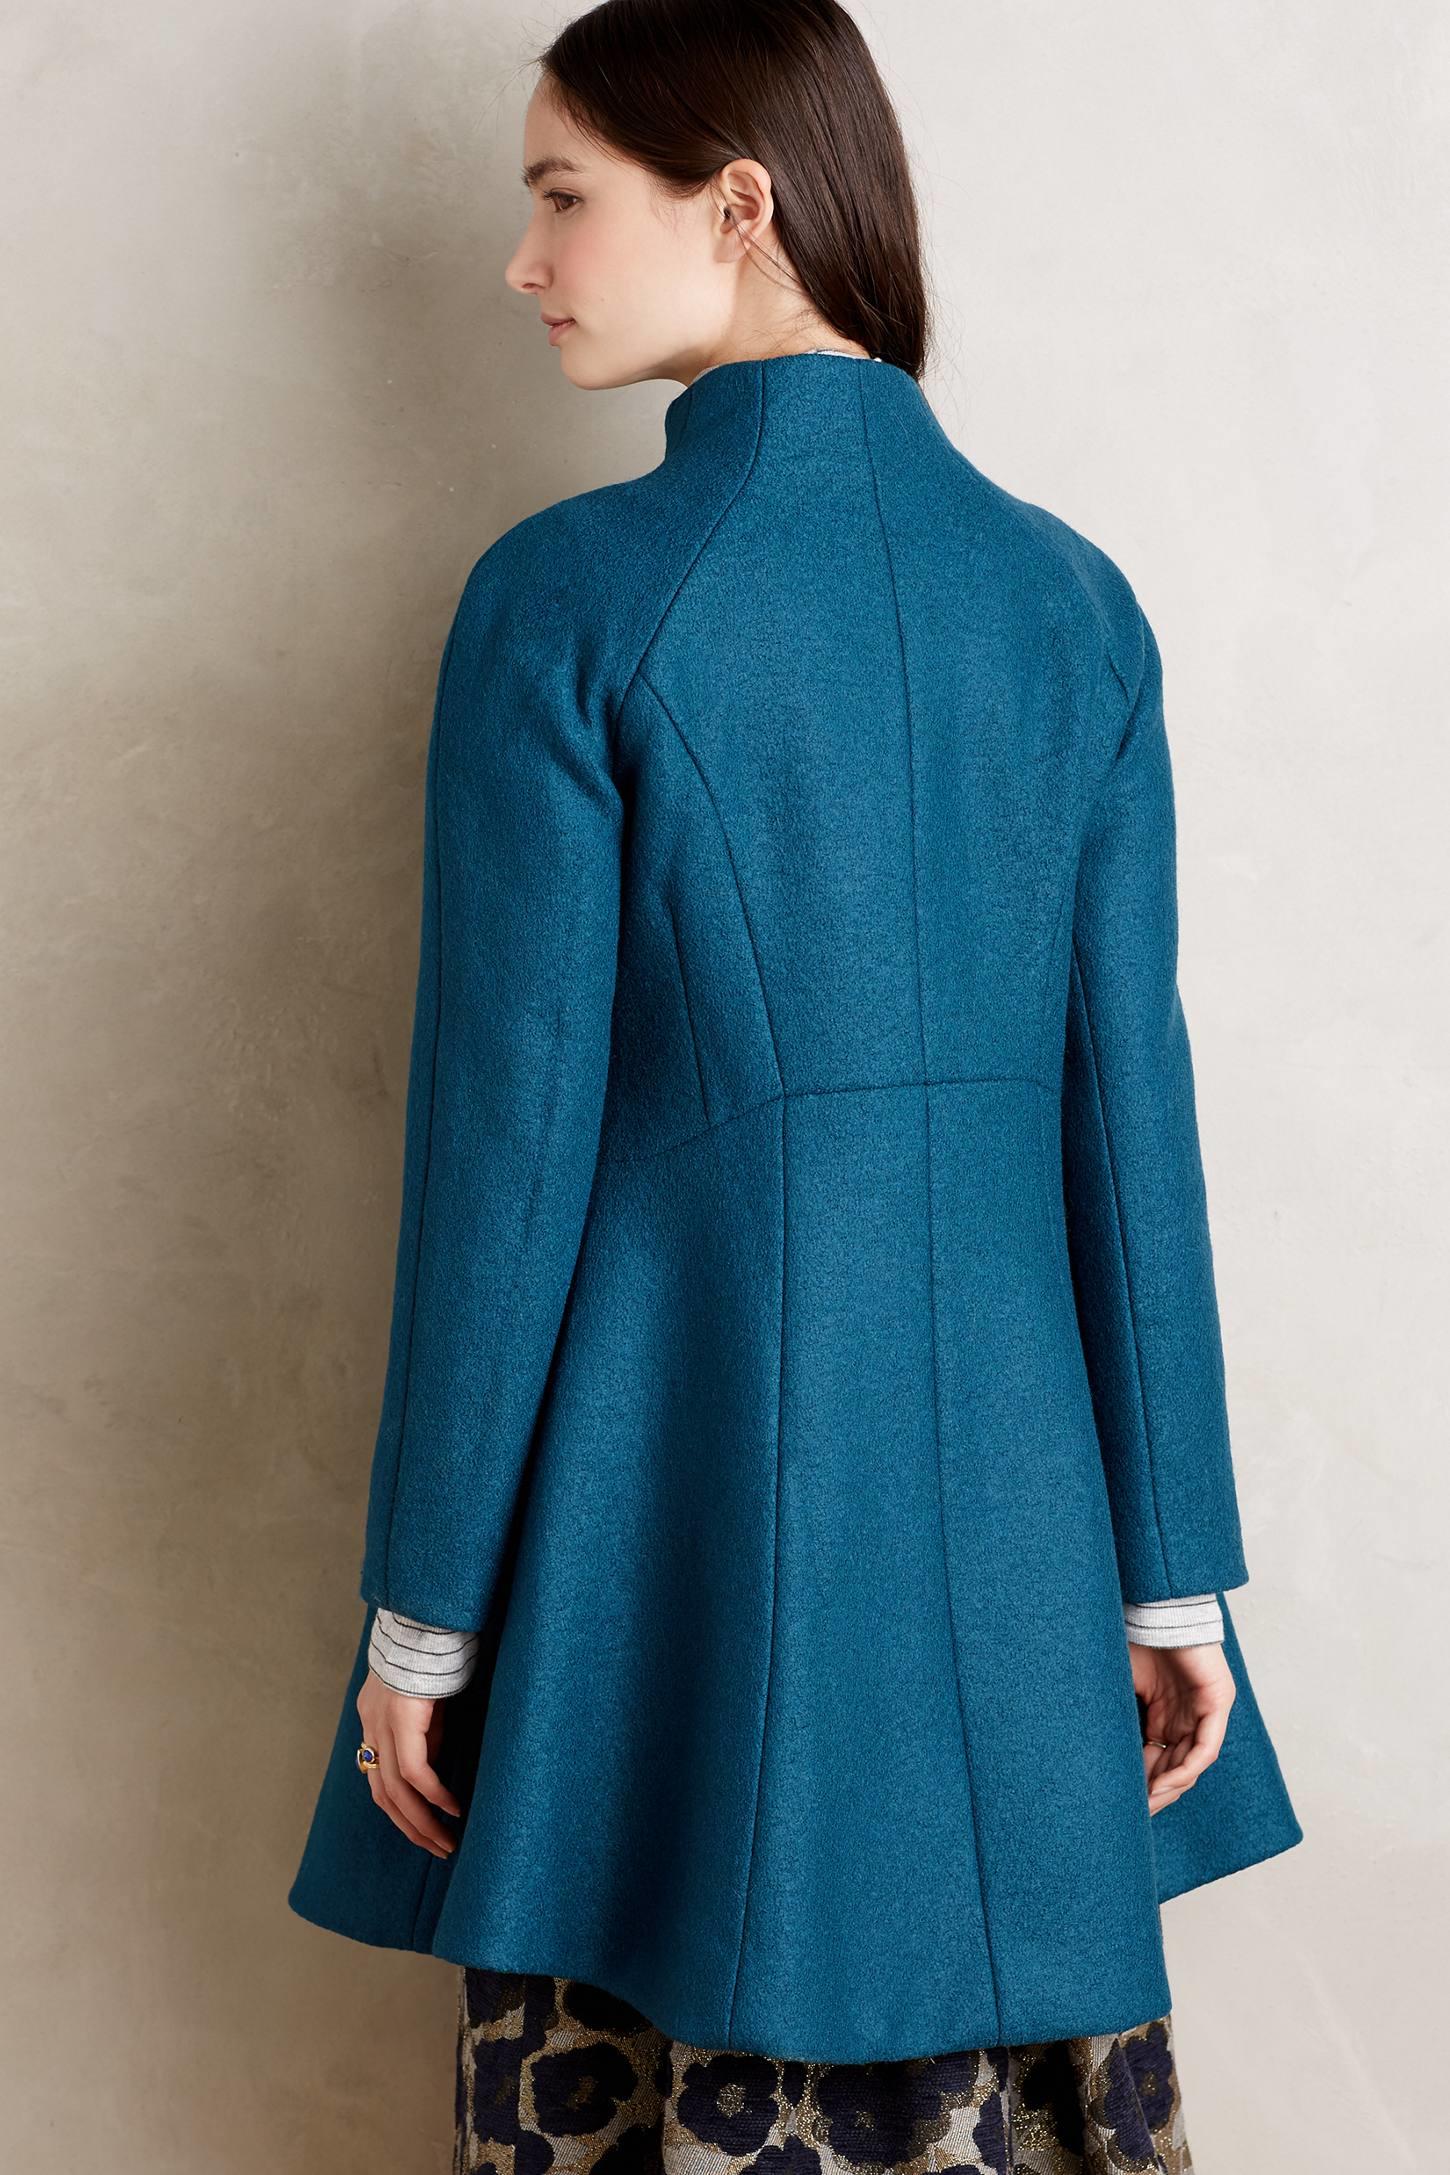 Nanette lepore Jocelyn Wool Coat in Blue | Lyst